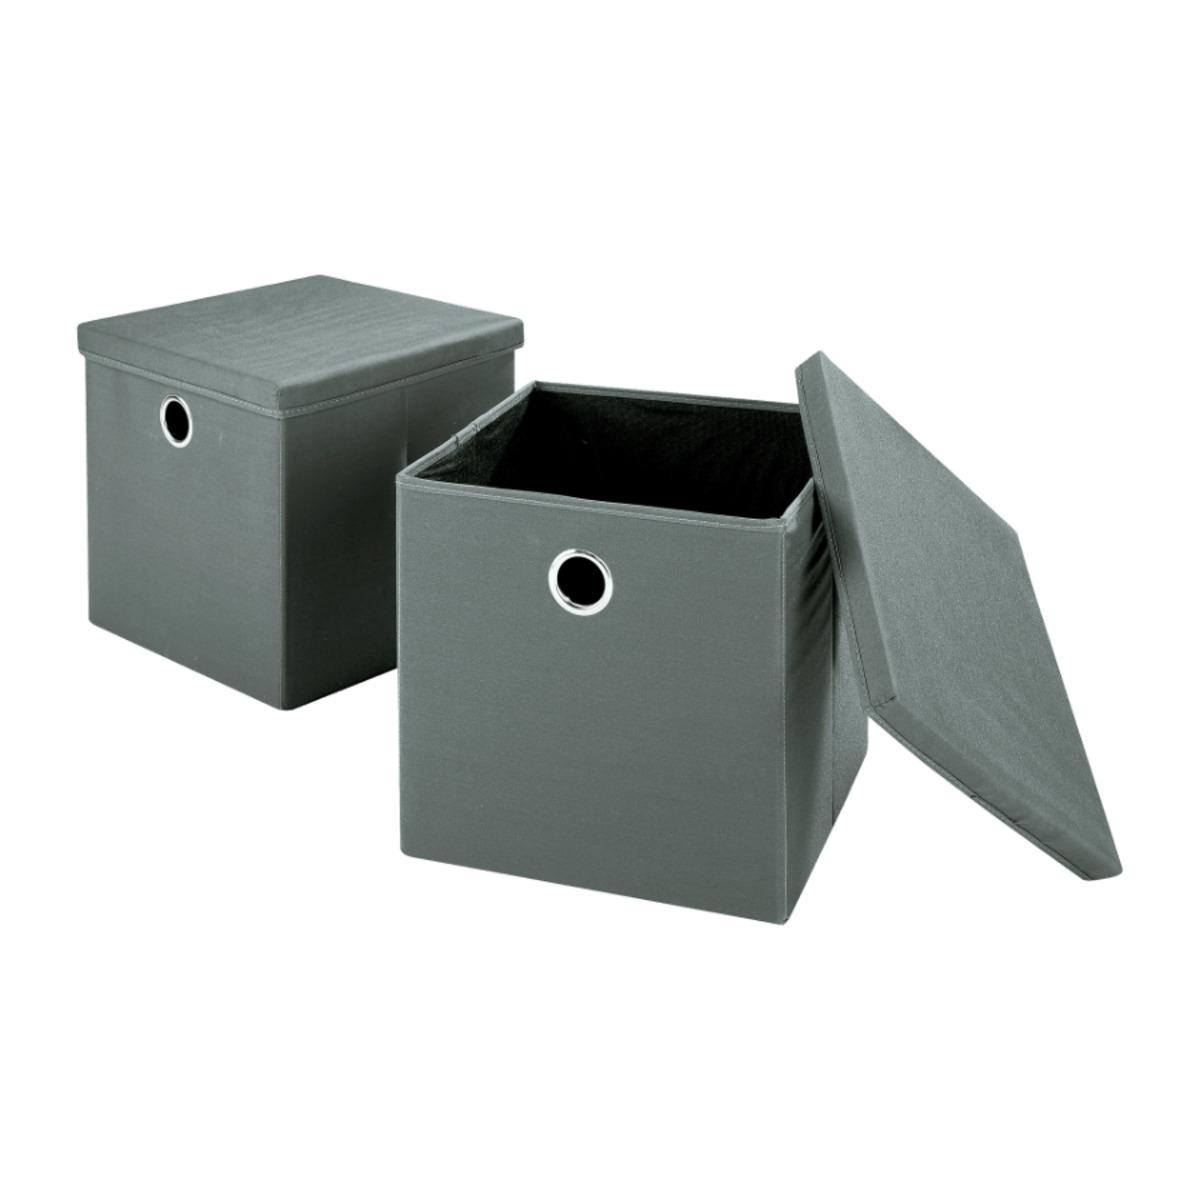 Bild 2 von HOME CREATION     Aufbewahrungsboxen